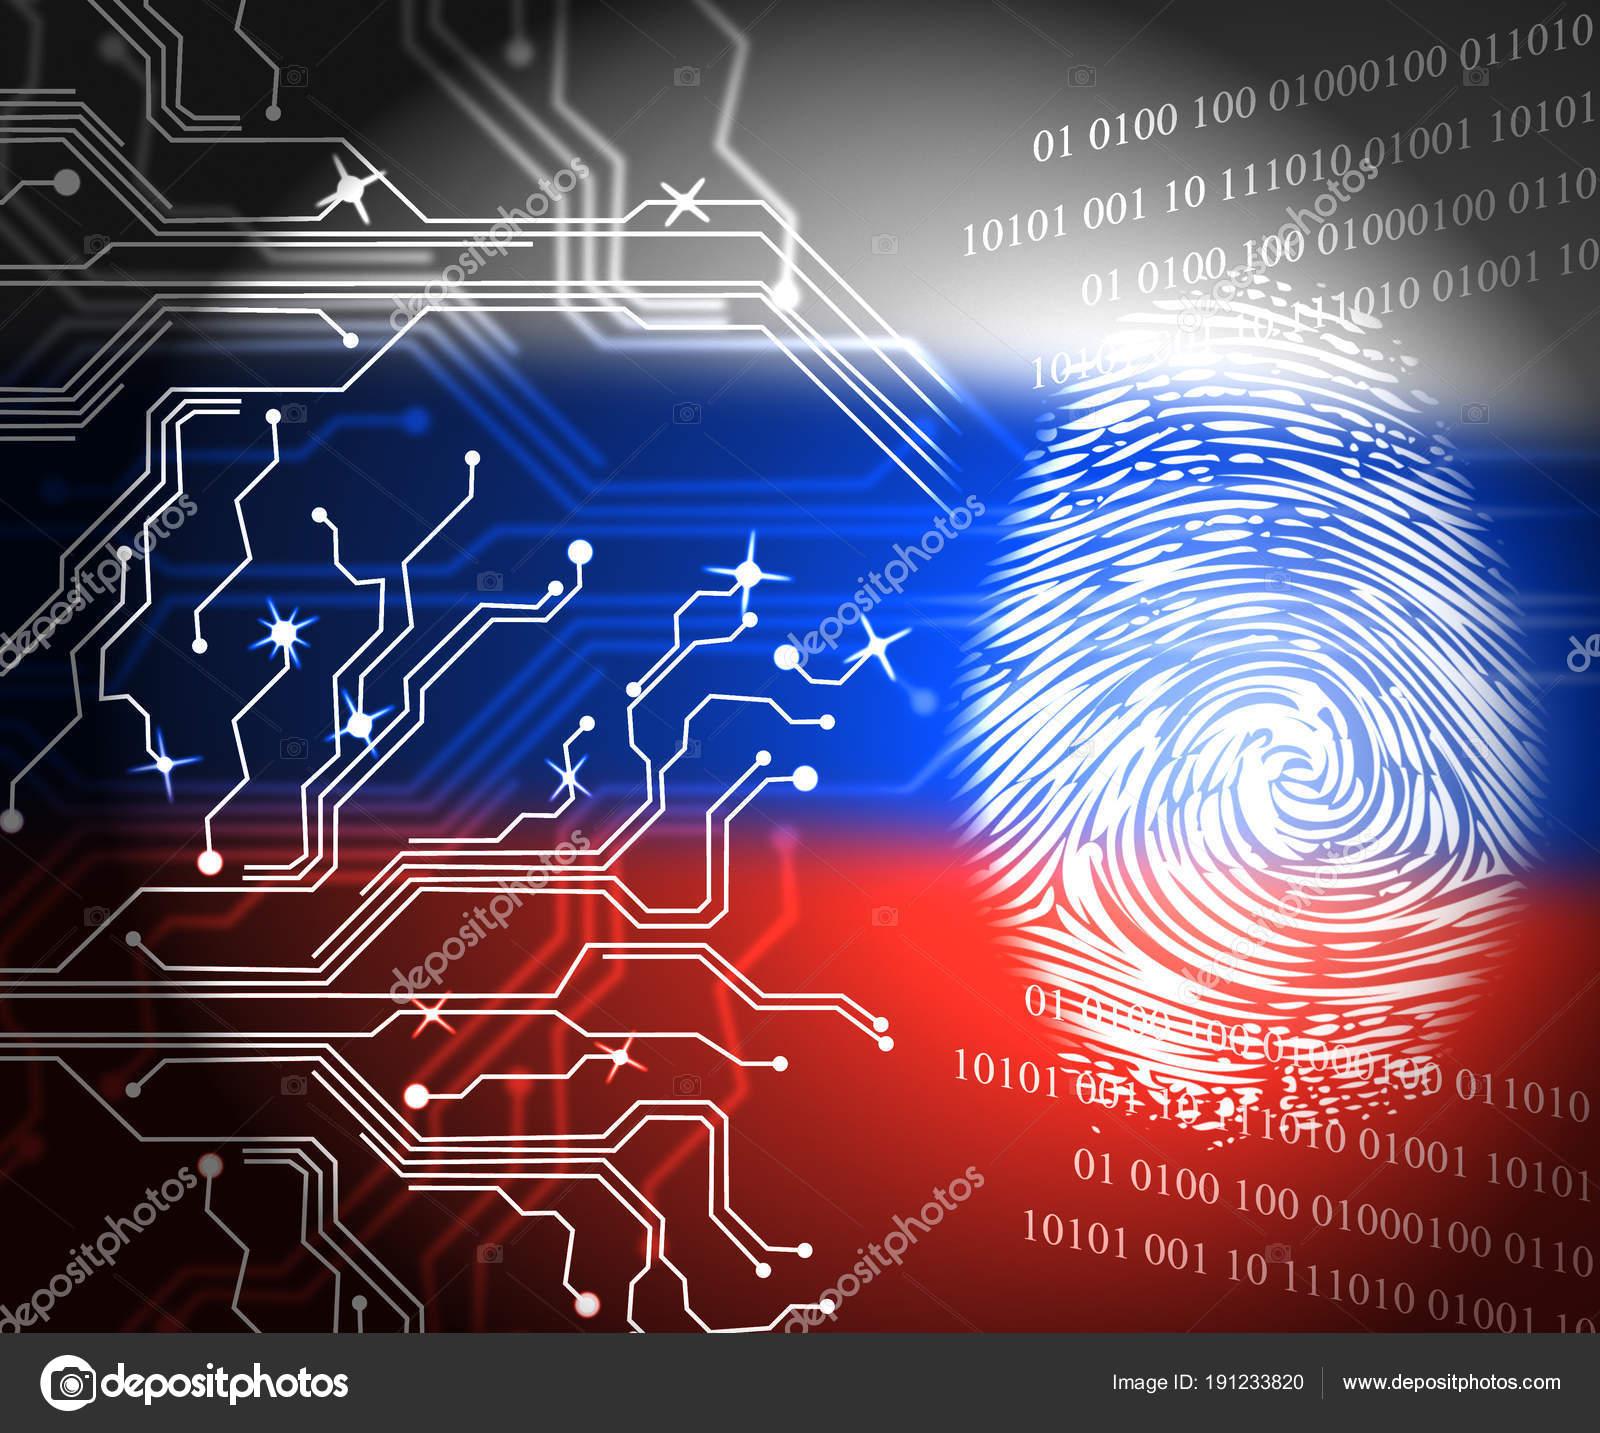 Bandera de Rusia y huella digital muestra Hacking ilustración 3d ...